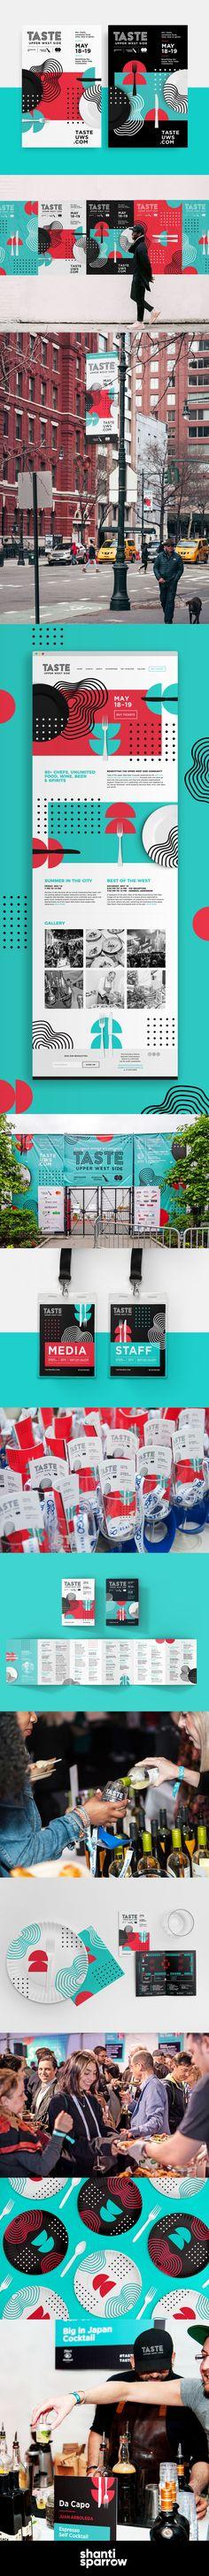 Design by Shanti Sparrow |   www.shantisparrow.com | Event Branding   Design  | TASTE of the Upper West Side #branding #event #eventbranding #rollout #foodfestival #poster #design #graphicdesign